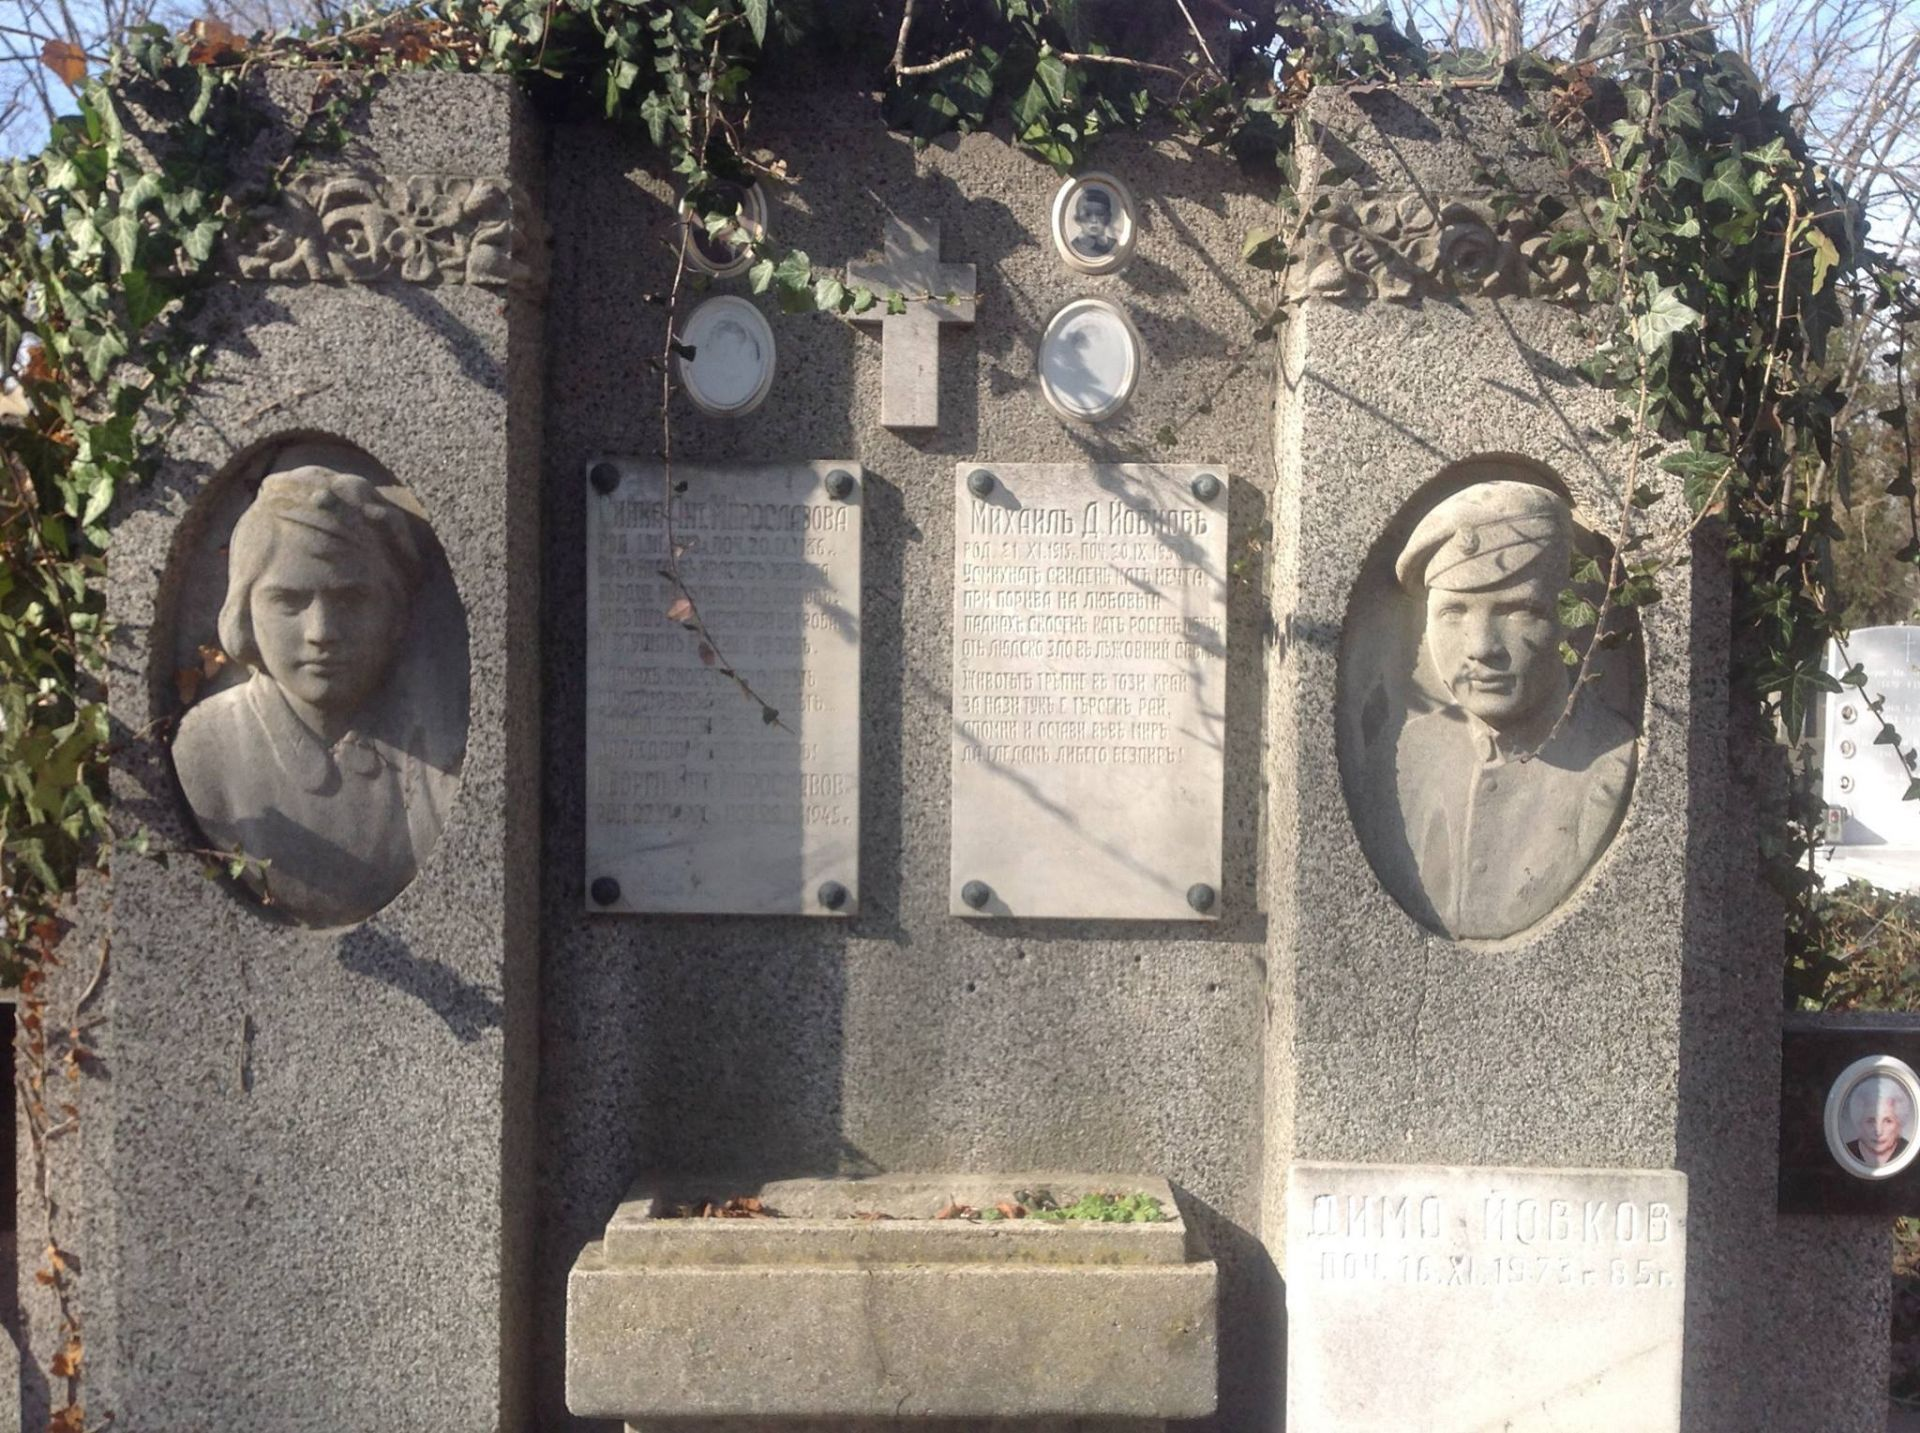 Драматичната любов на Сийка и Милко, разказана върху гроба им, продължава и ще продължава да вълнува хората.